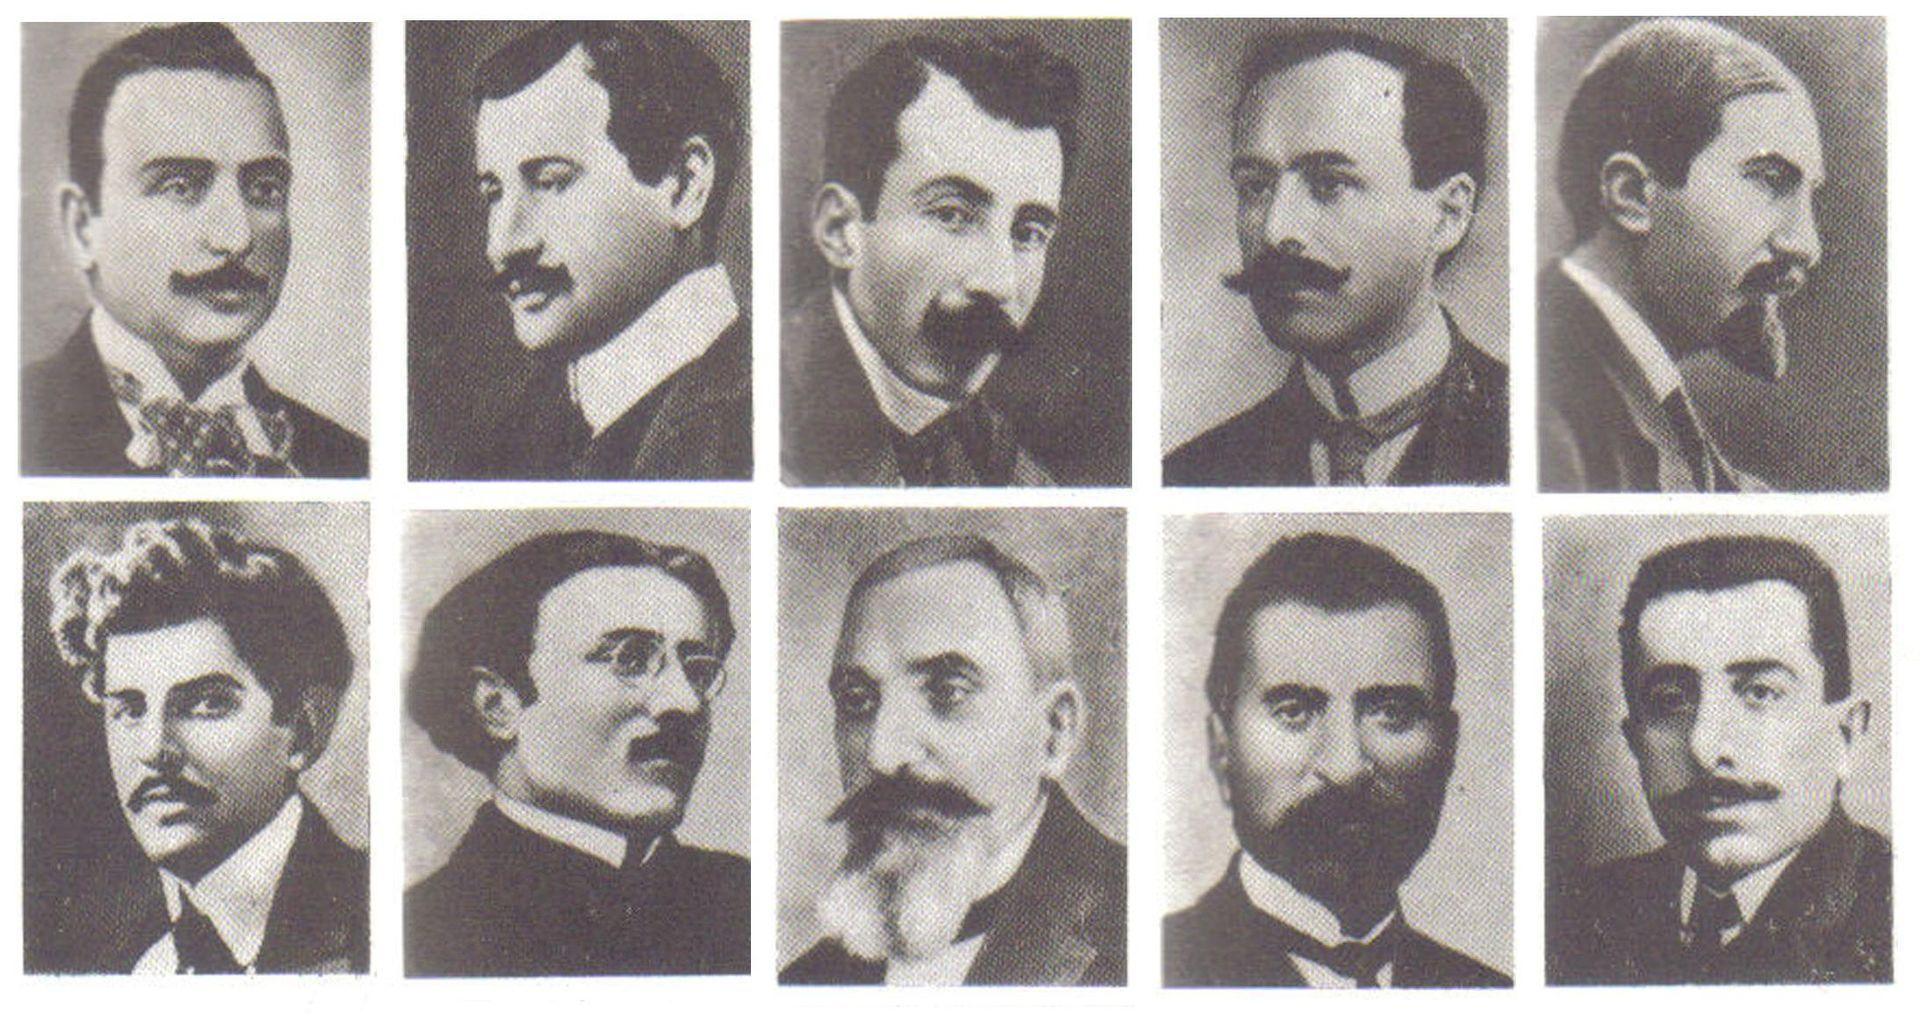 24 avril 1915, la rafle de Constantinople ou le début du génocide arménien